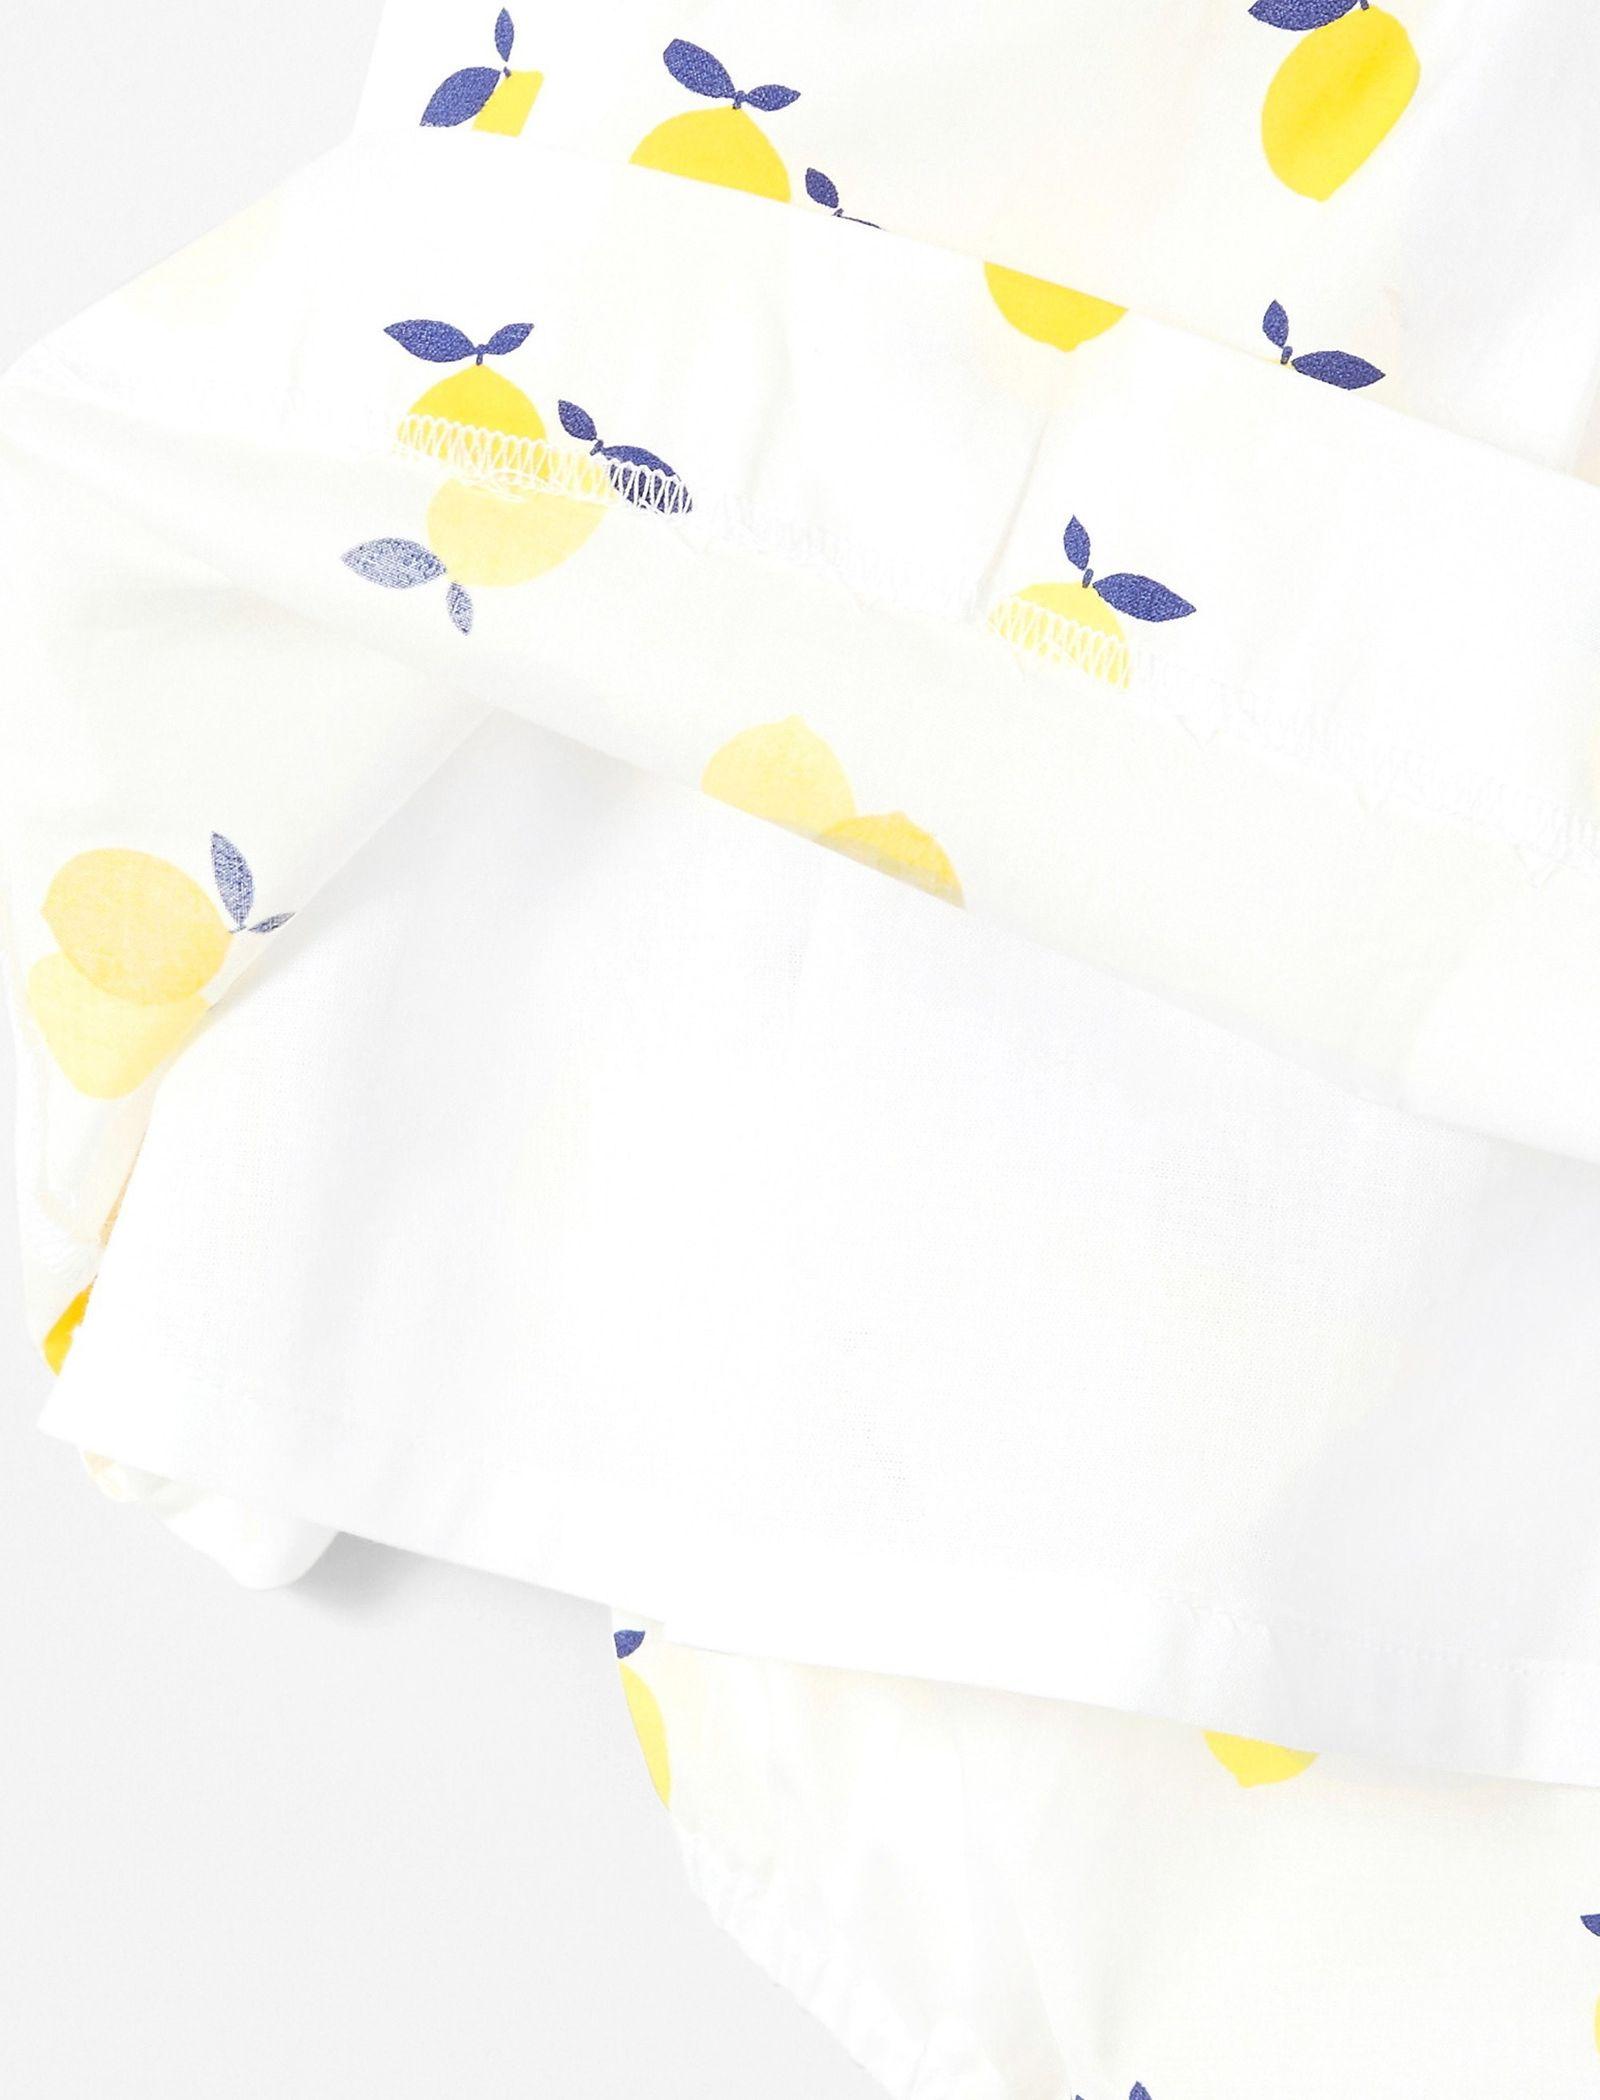 پیراهن نخی آستین حلقه ای نوزادی دخترانه Lizetta - جاکادی - سفيد و زرد - 4